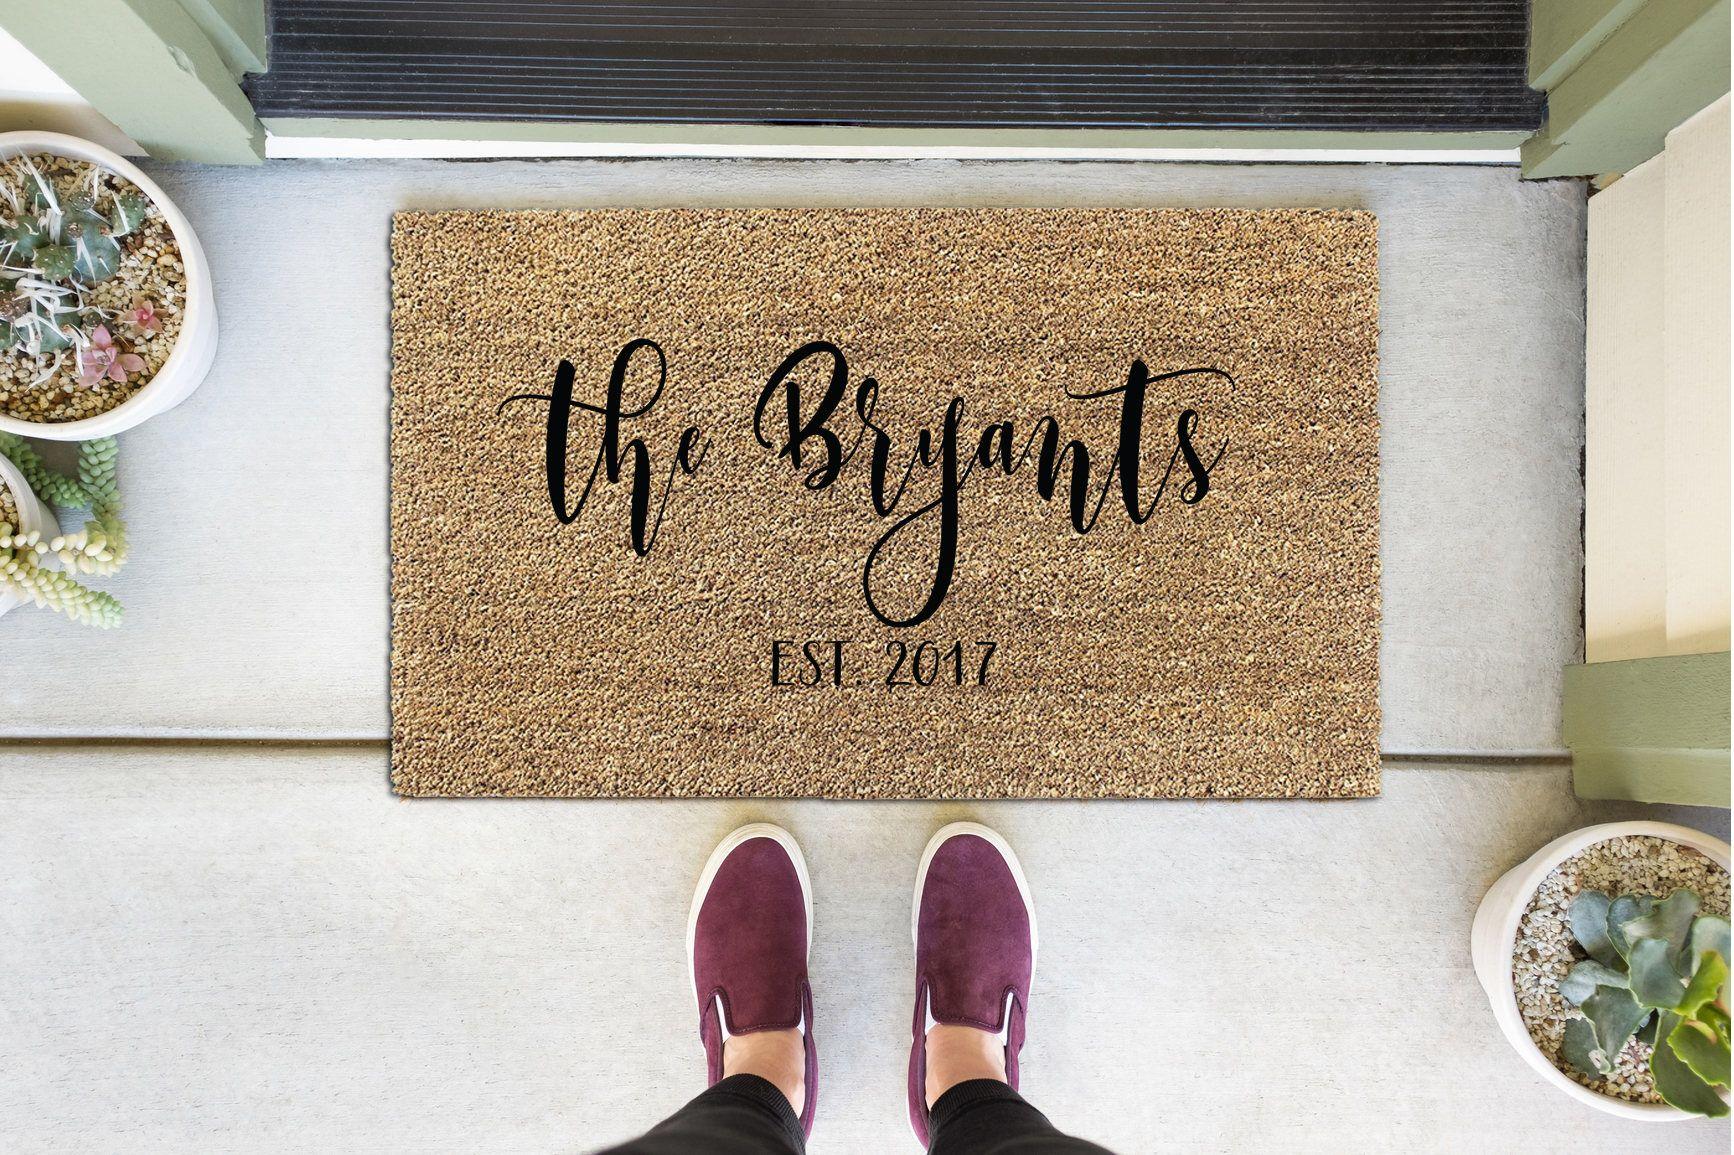 mats duluthhomeloan vanity doormat door every welcome outdoor doormats com personalized backyards mat attractive customized nfl for decor walmart uncommon